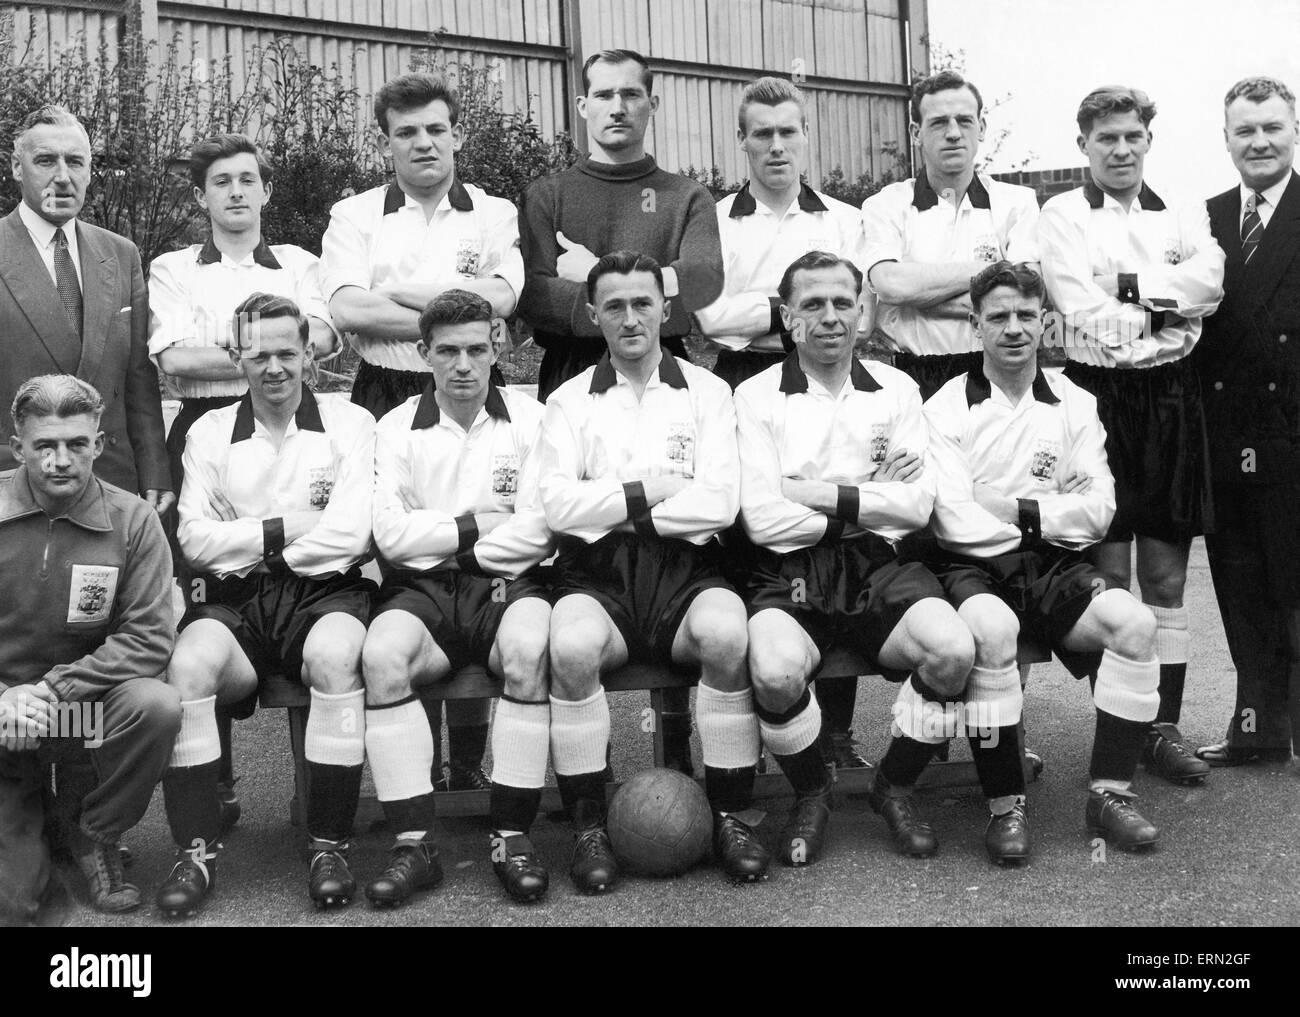 Birmingham City team, 1956. Stock Photo